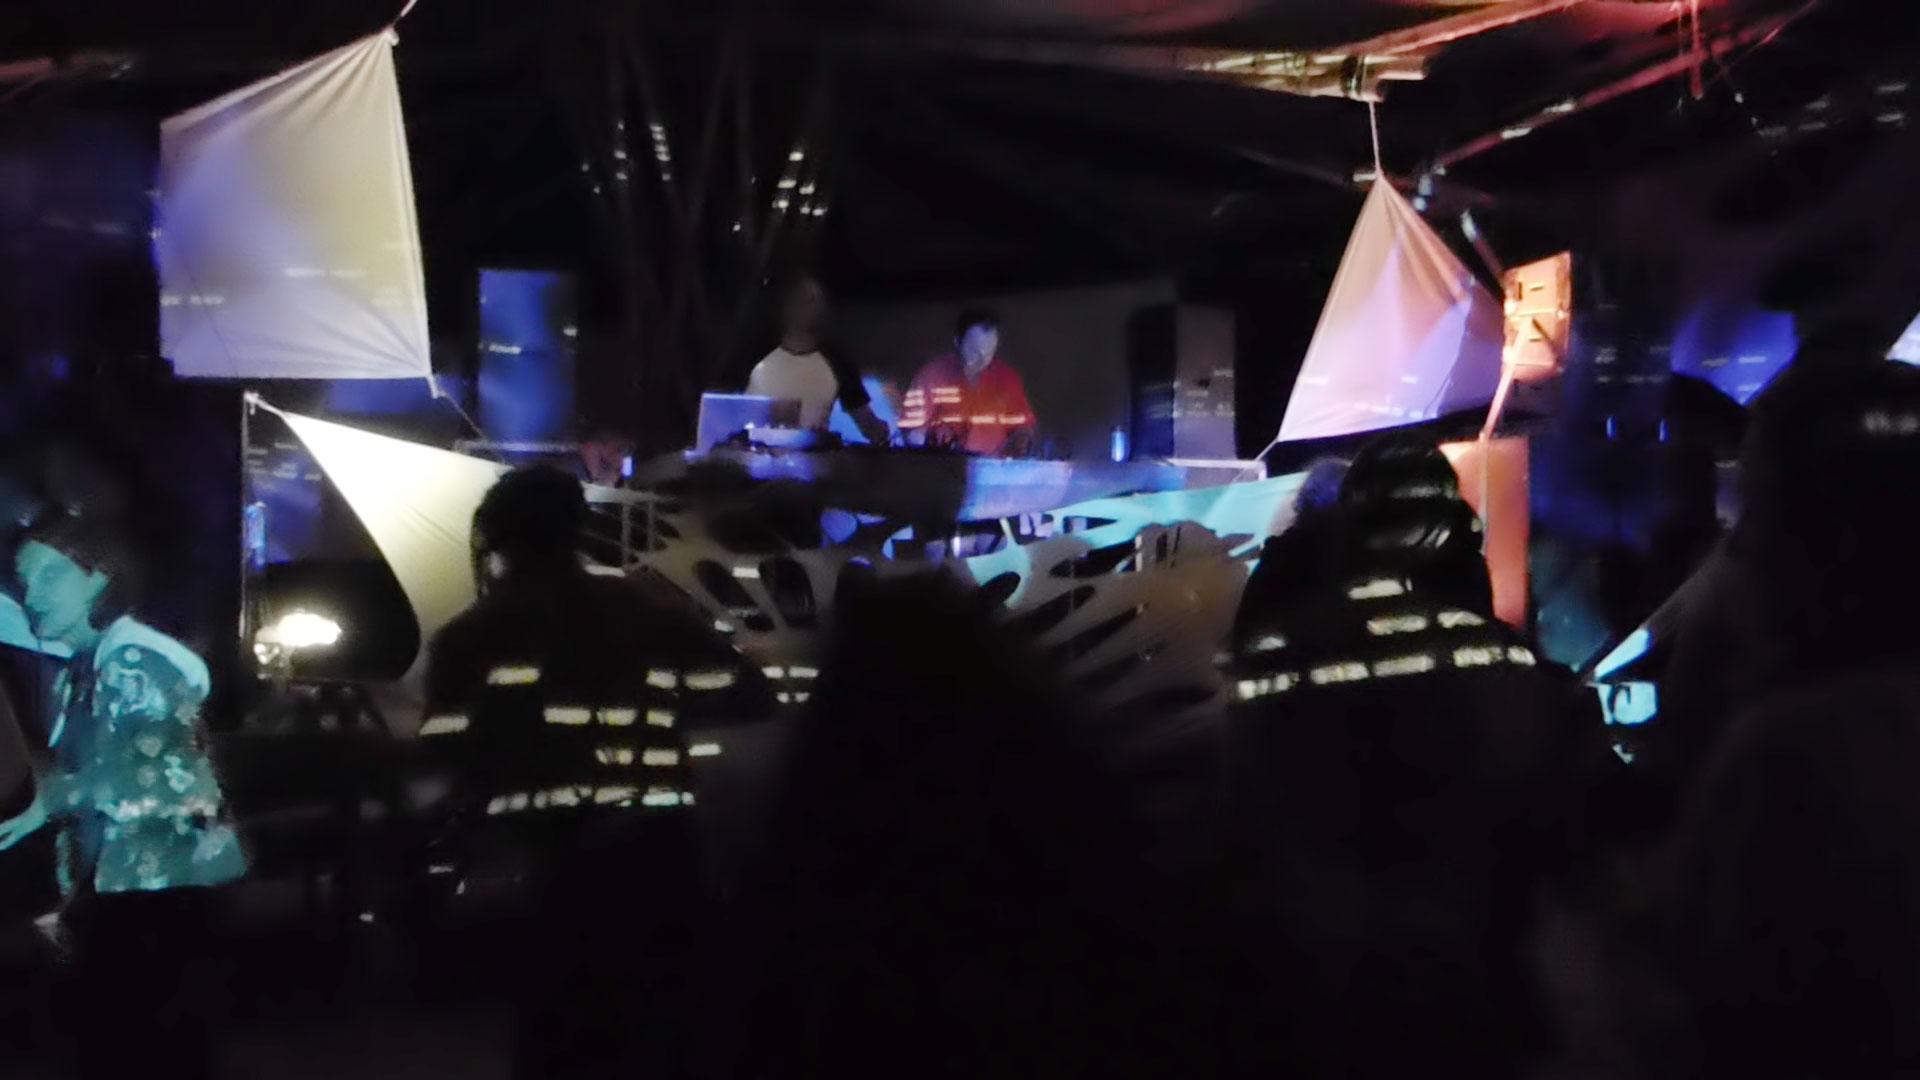 Circular live at SUN 2013